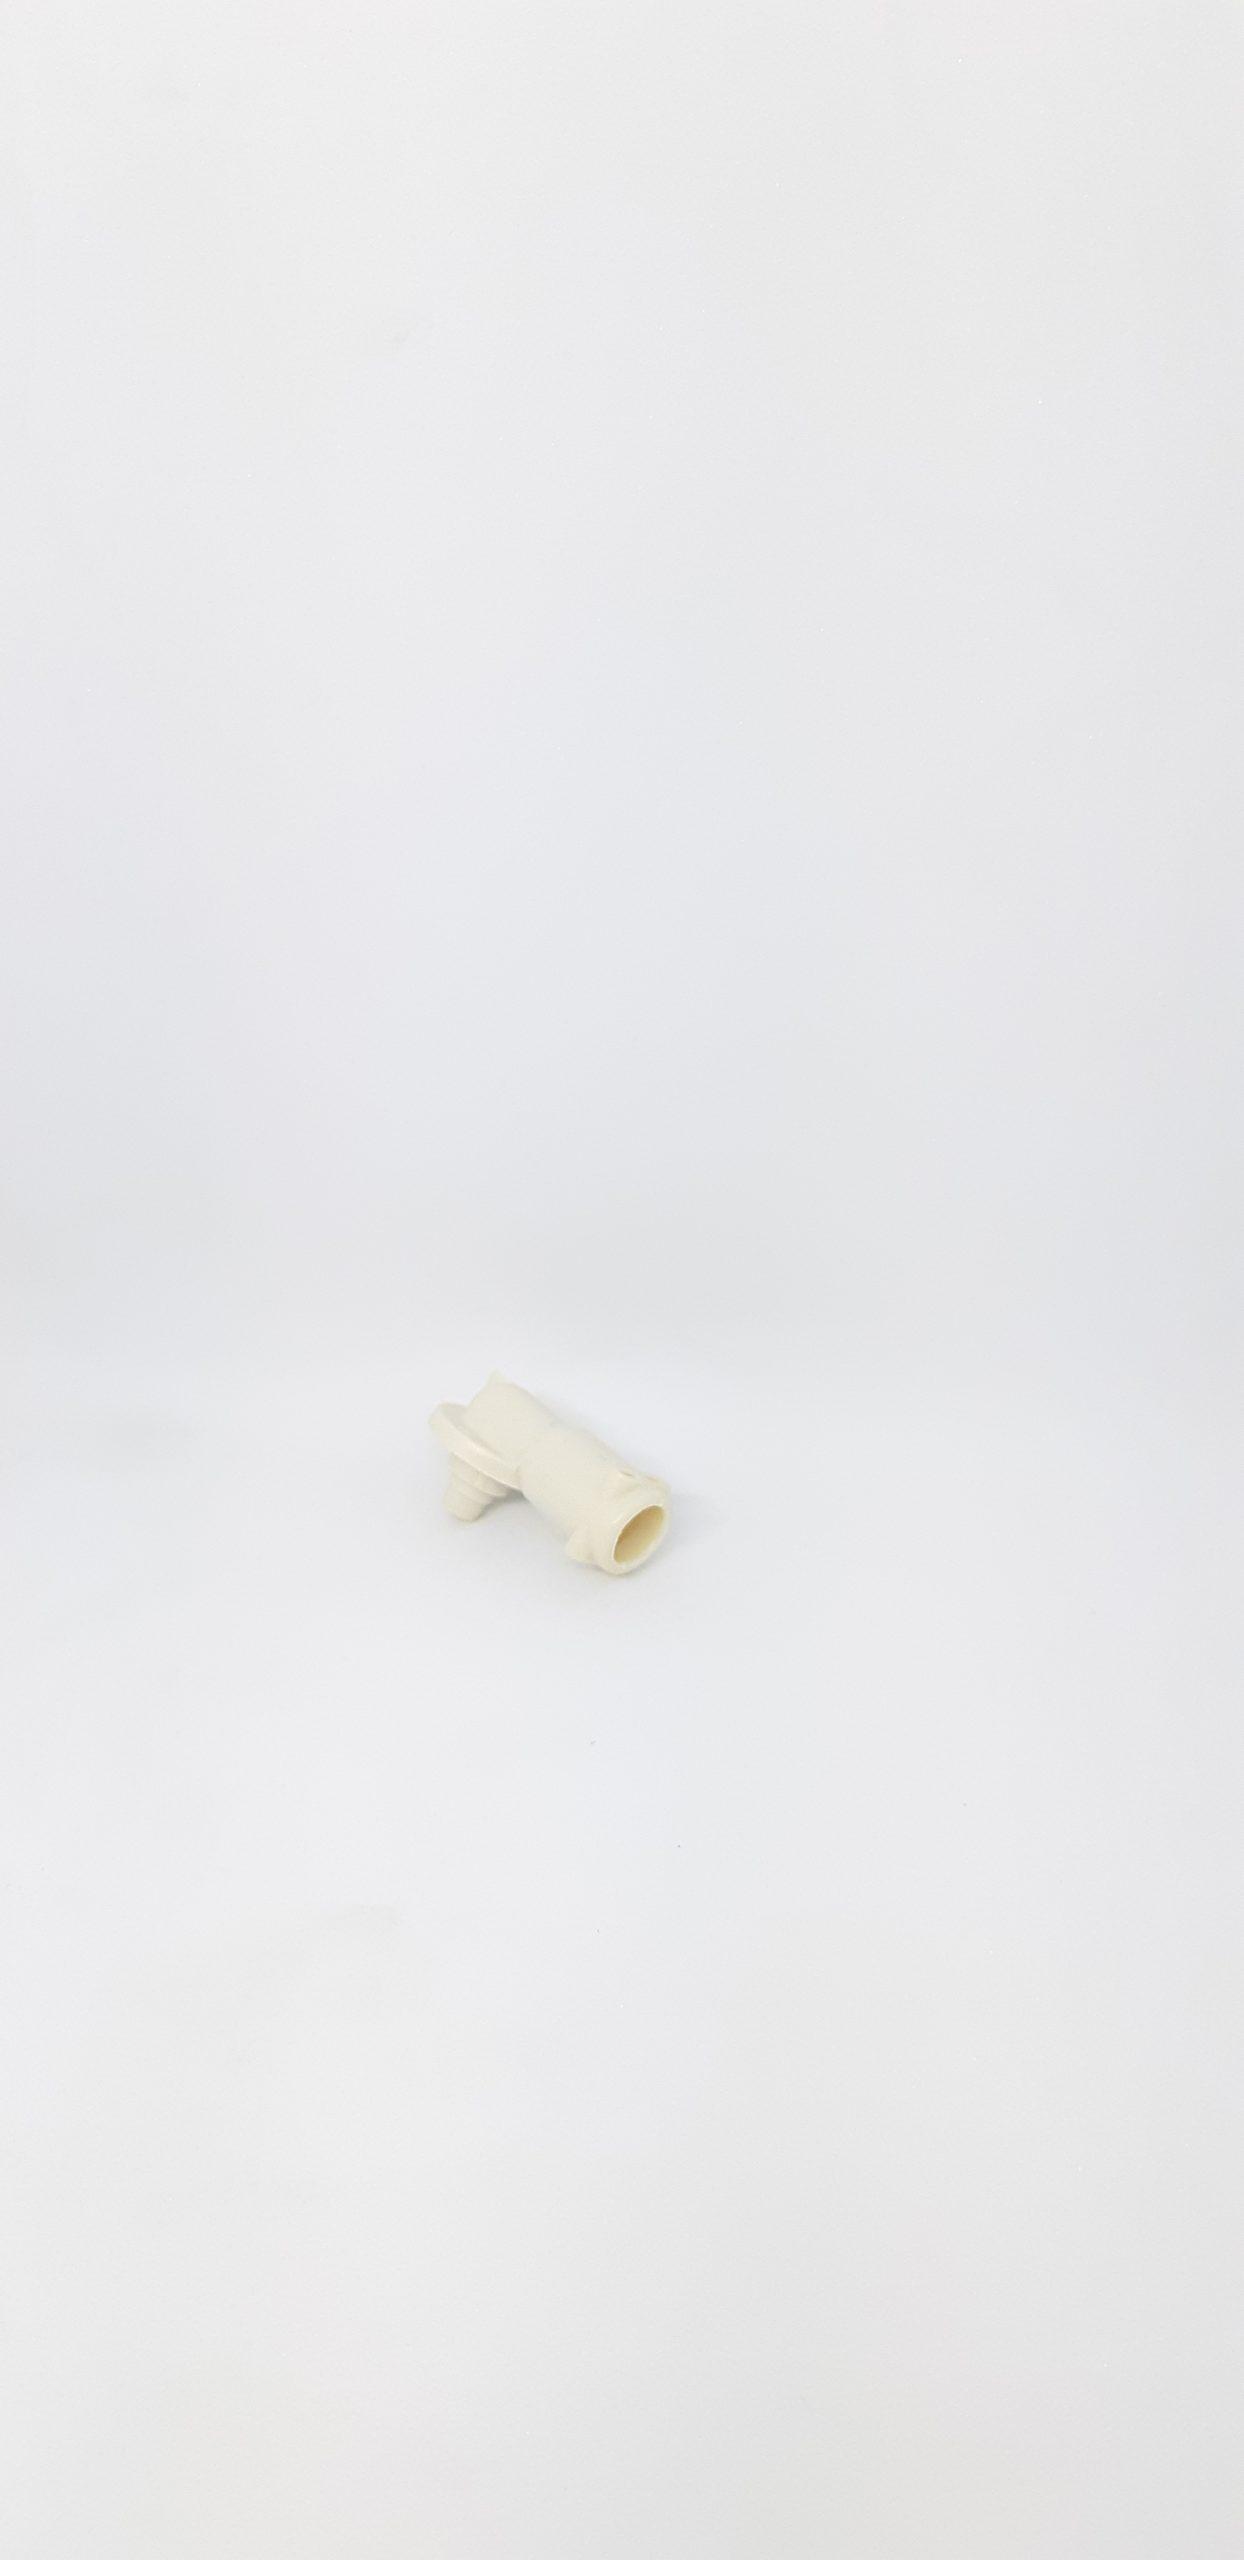 Втулка б-р с винт Magnifica - 5332140800